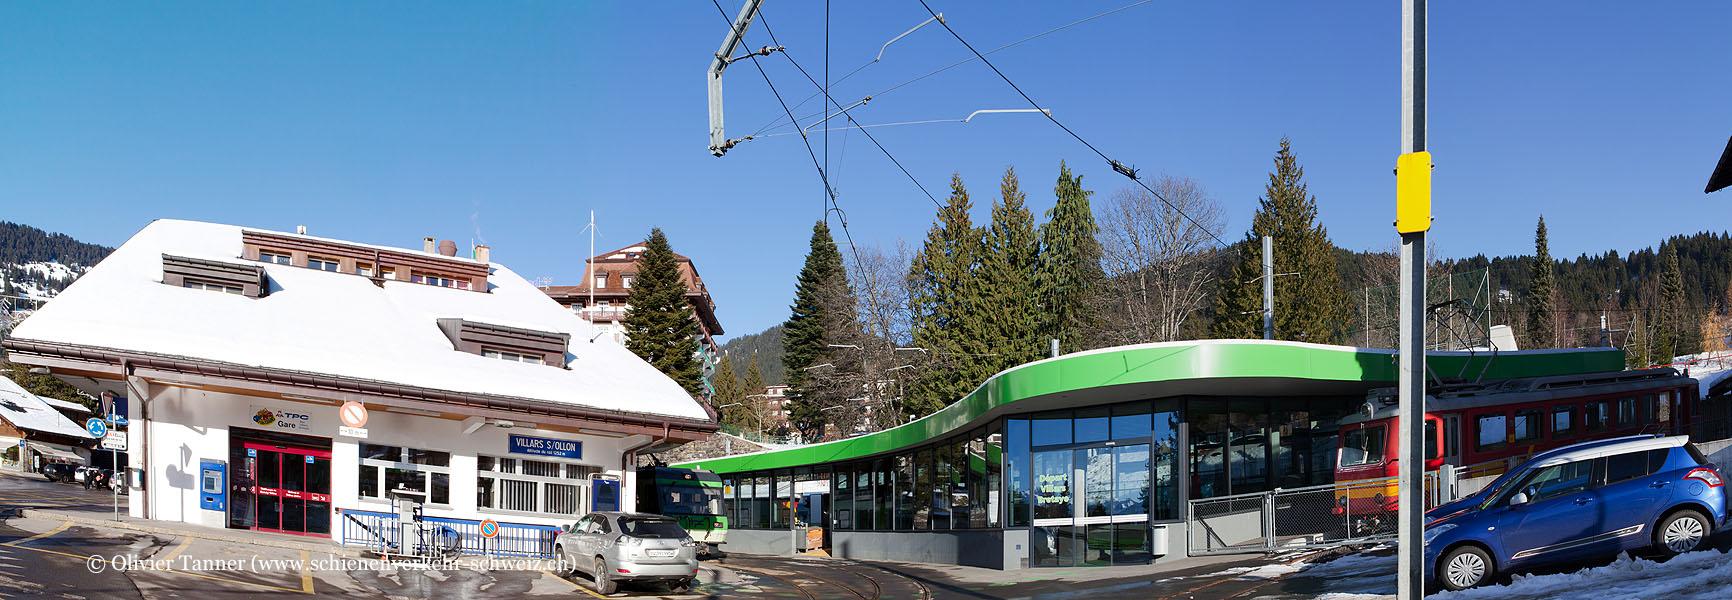 """Bahnhof """"Villars-sur-Ollon"""""""